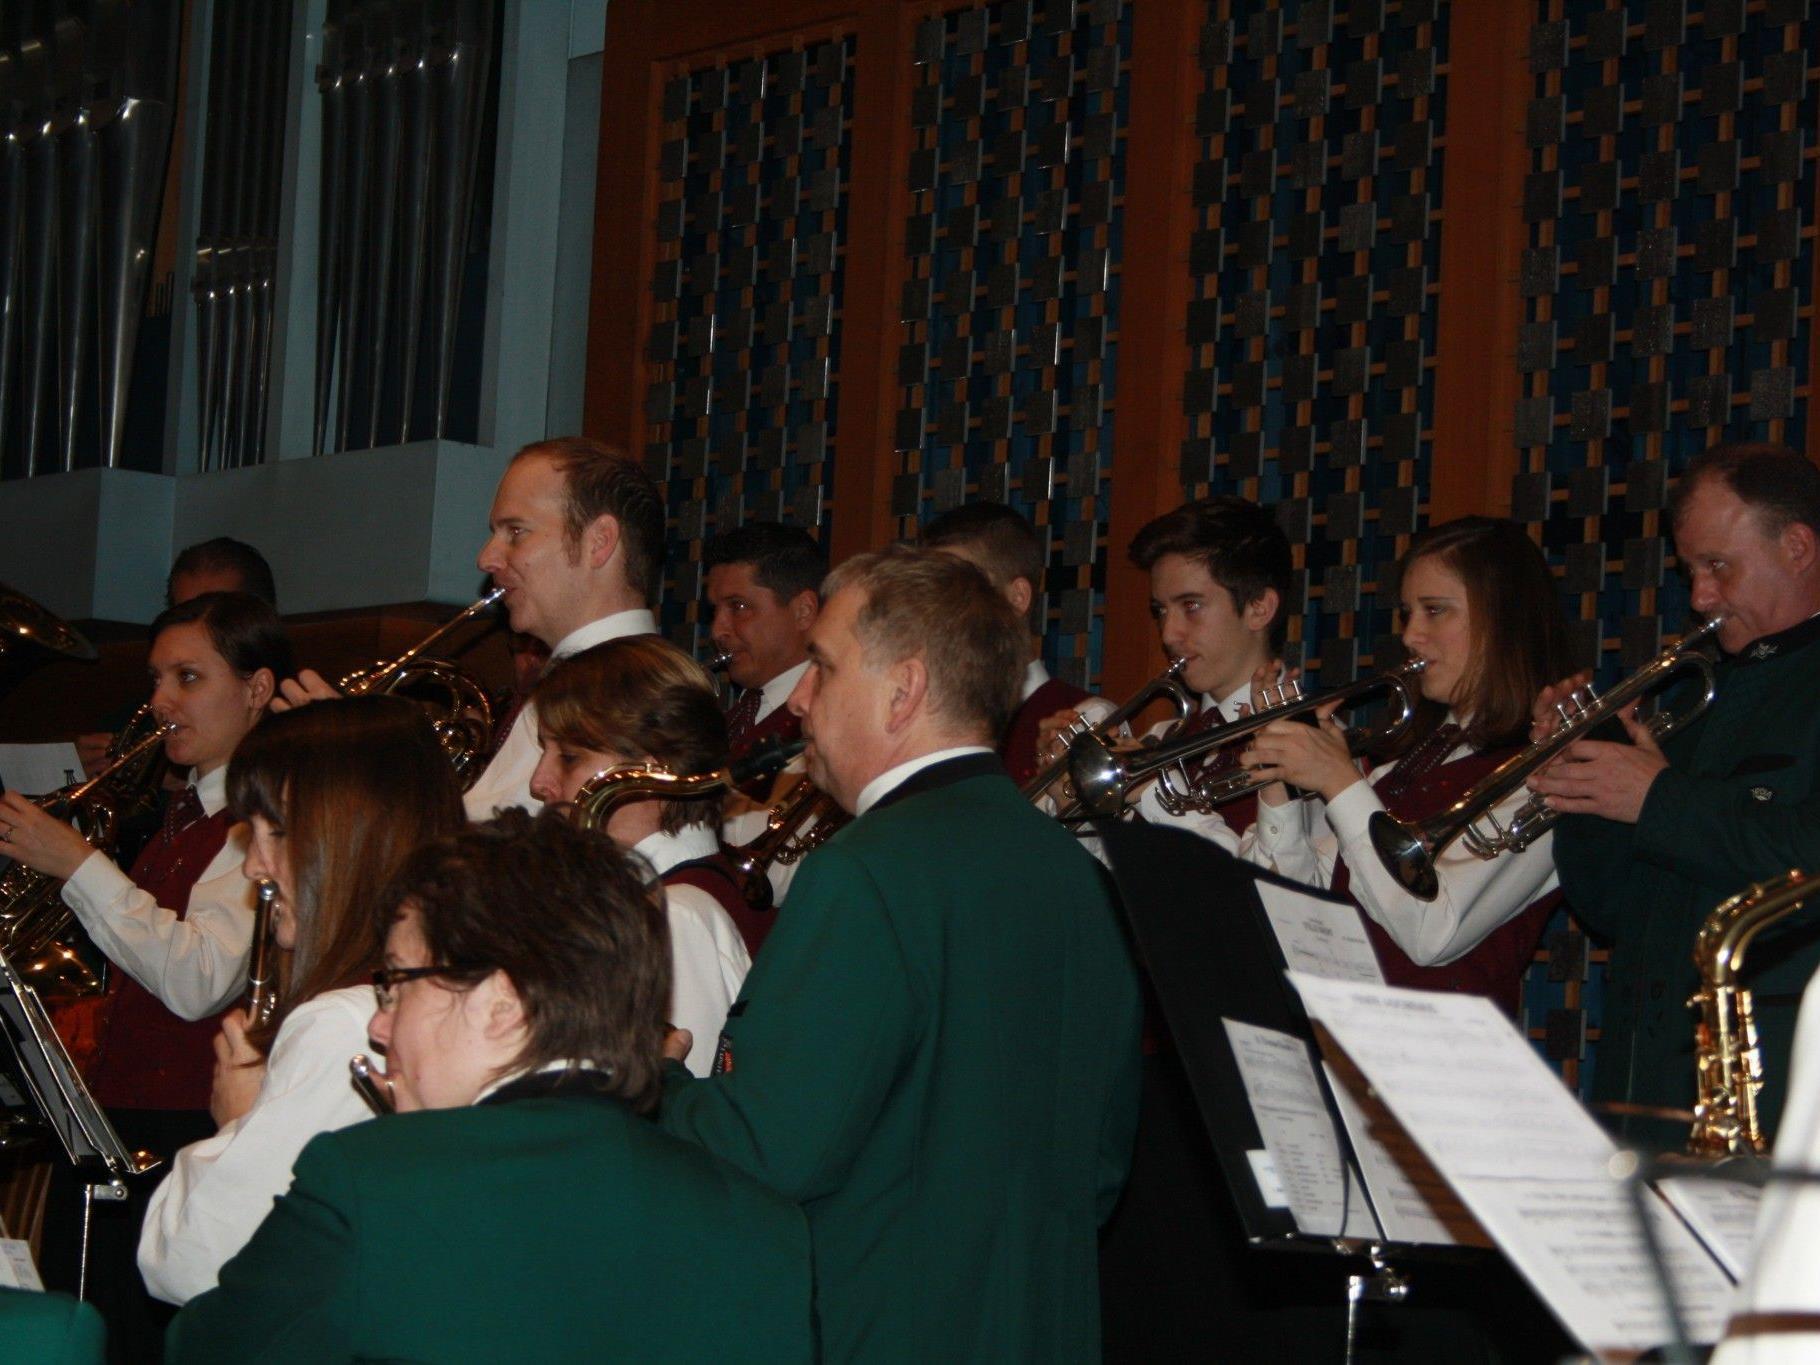 Festlich umrahmt wurde der Weihnachtsgottesdienst vom Musikverein Concordia Lustenau.